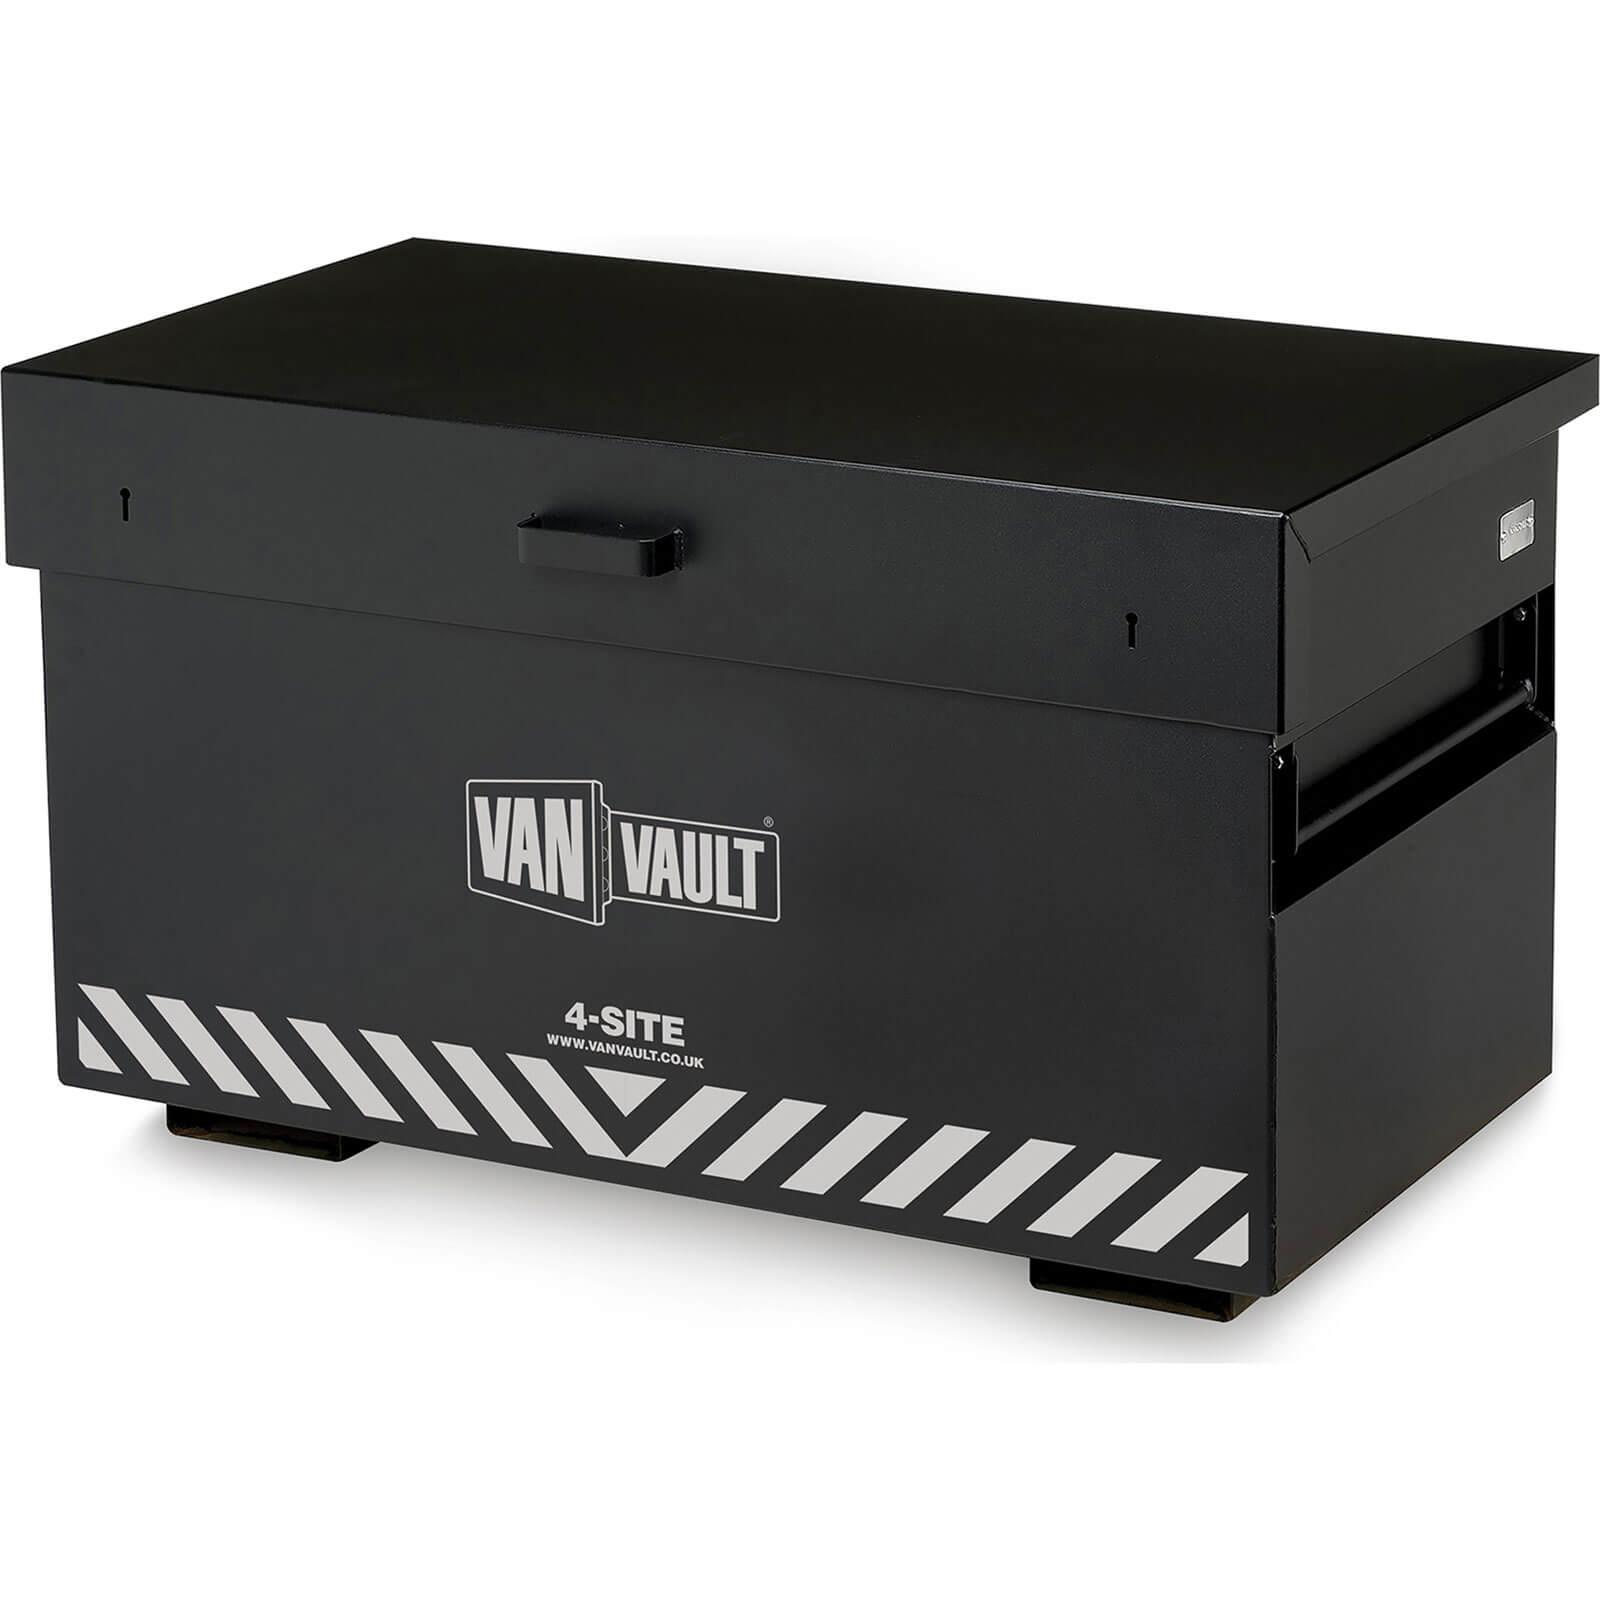 Image of Van Vault 4-Site Secure Tool Storage 1190mm 645mm 750mm